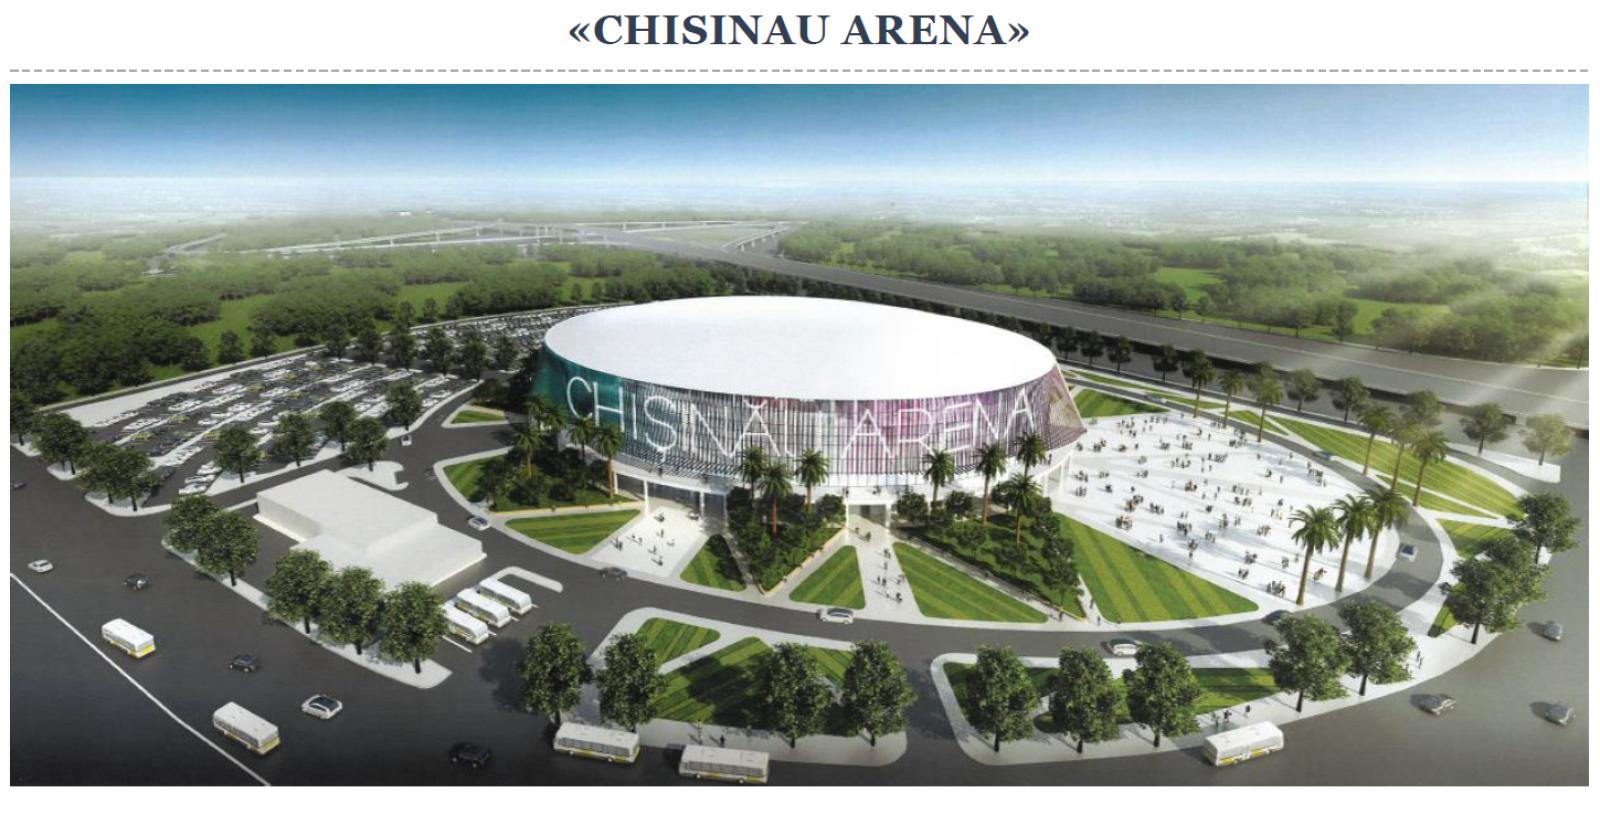 """(foto) Zis și făcut: Proiectul """"Arena Chișinău"""", care a fost propus ieri de PD, discutat în cadrul unei ședințe și urmează să fie înaintat către Guvern"""